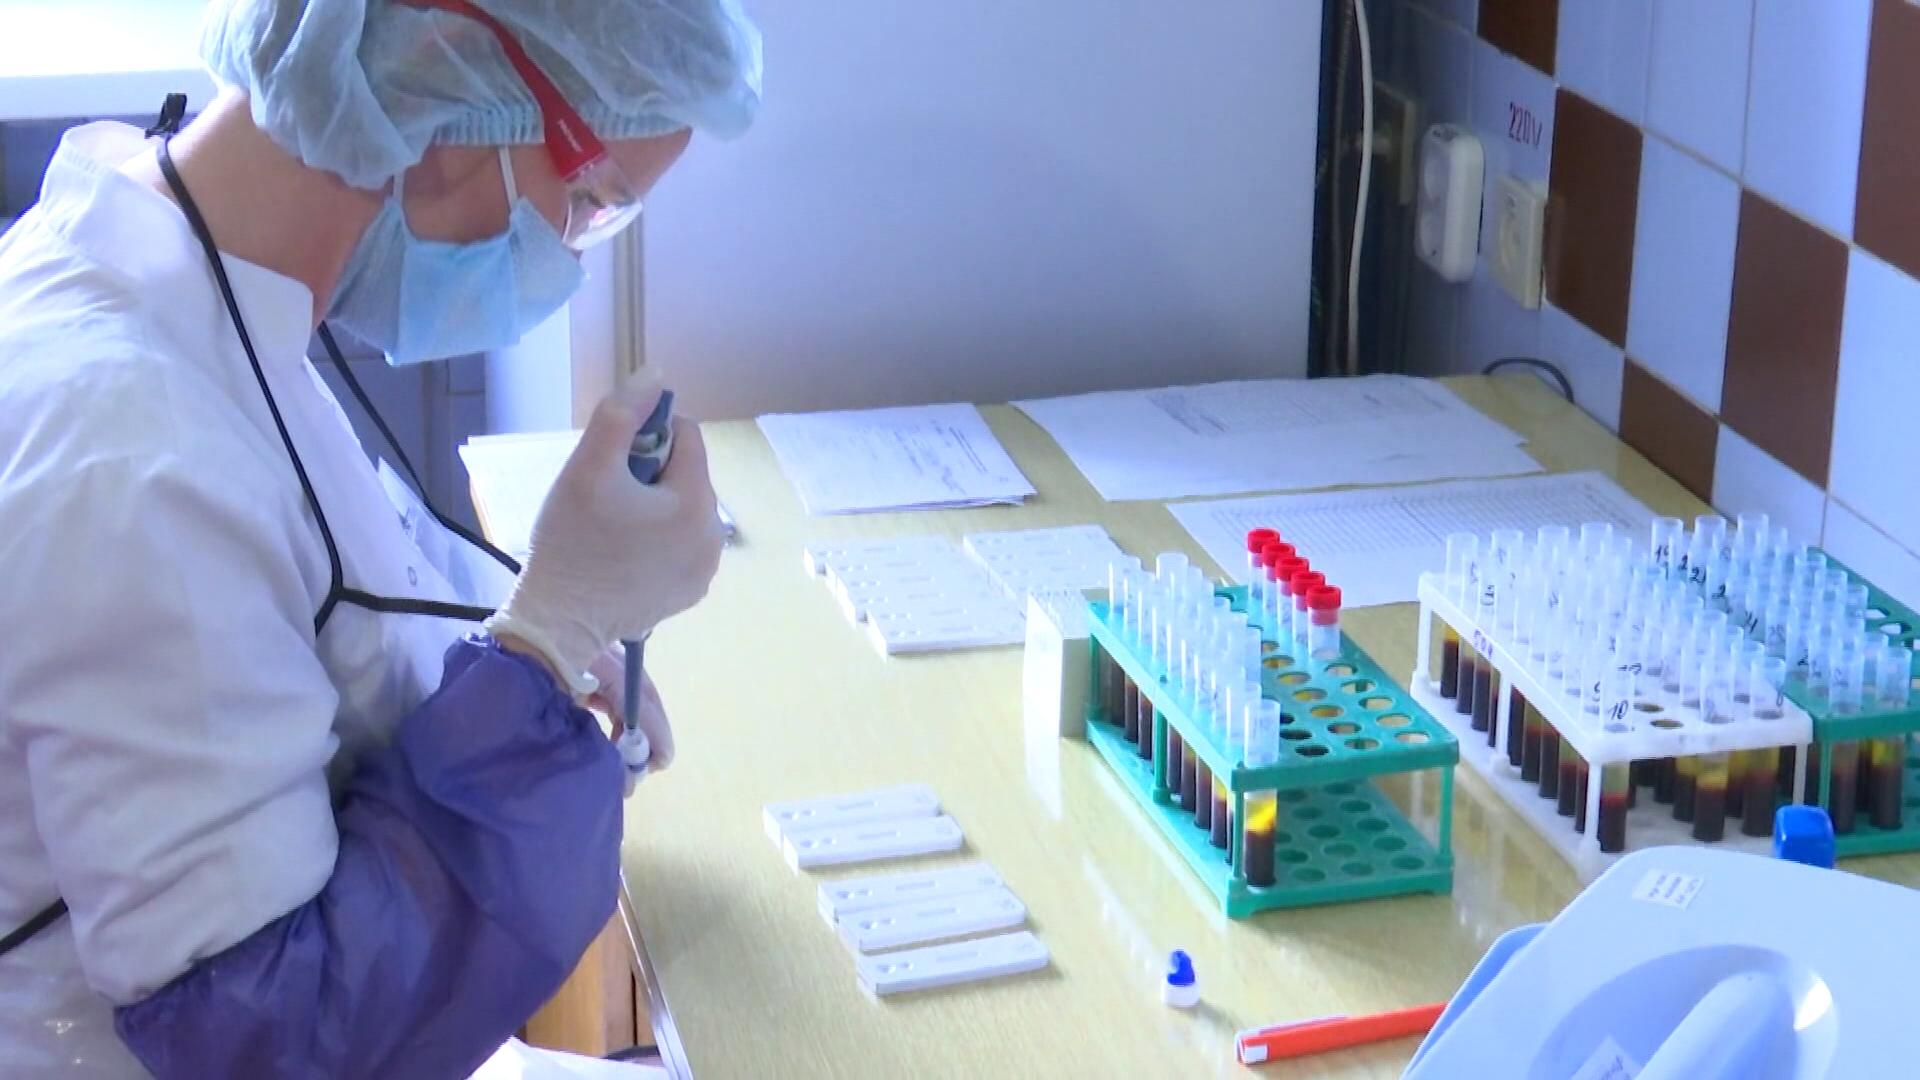 koronavirus 1 - В Витебской области снижается заболеваемость COVID-19 (видео)